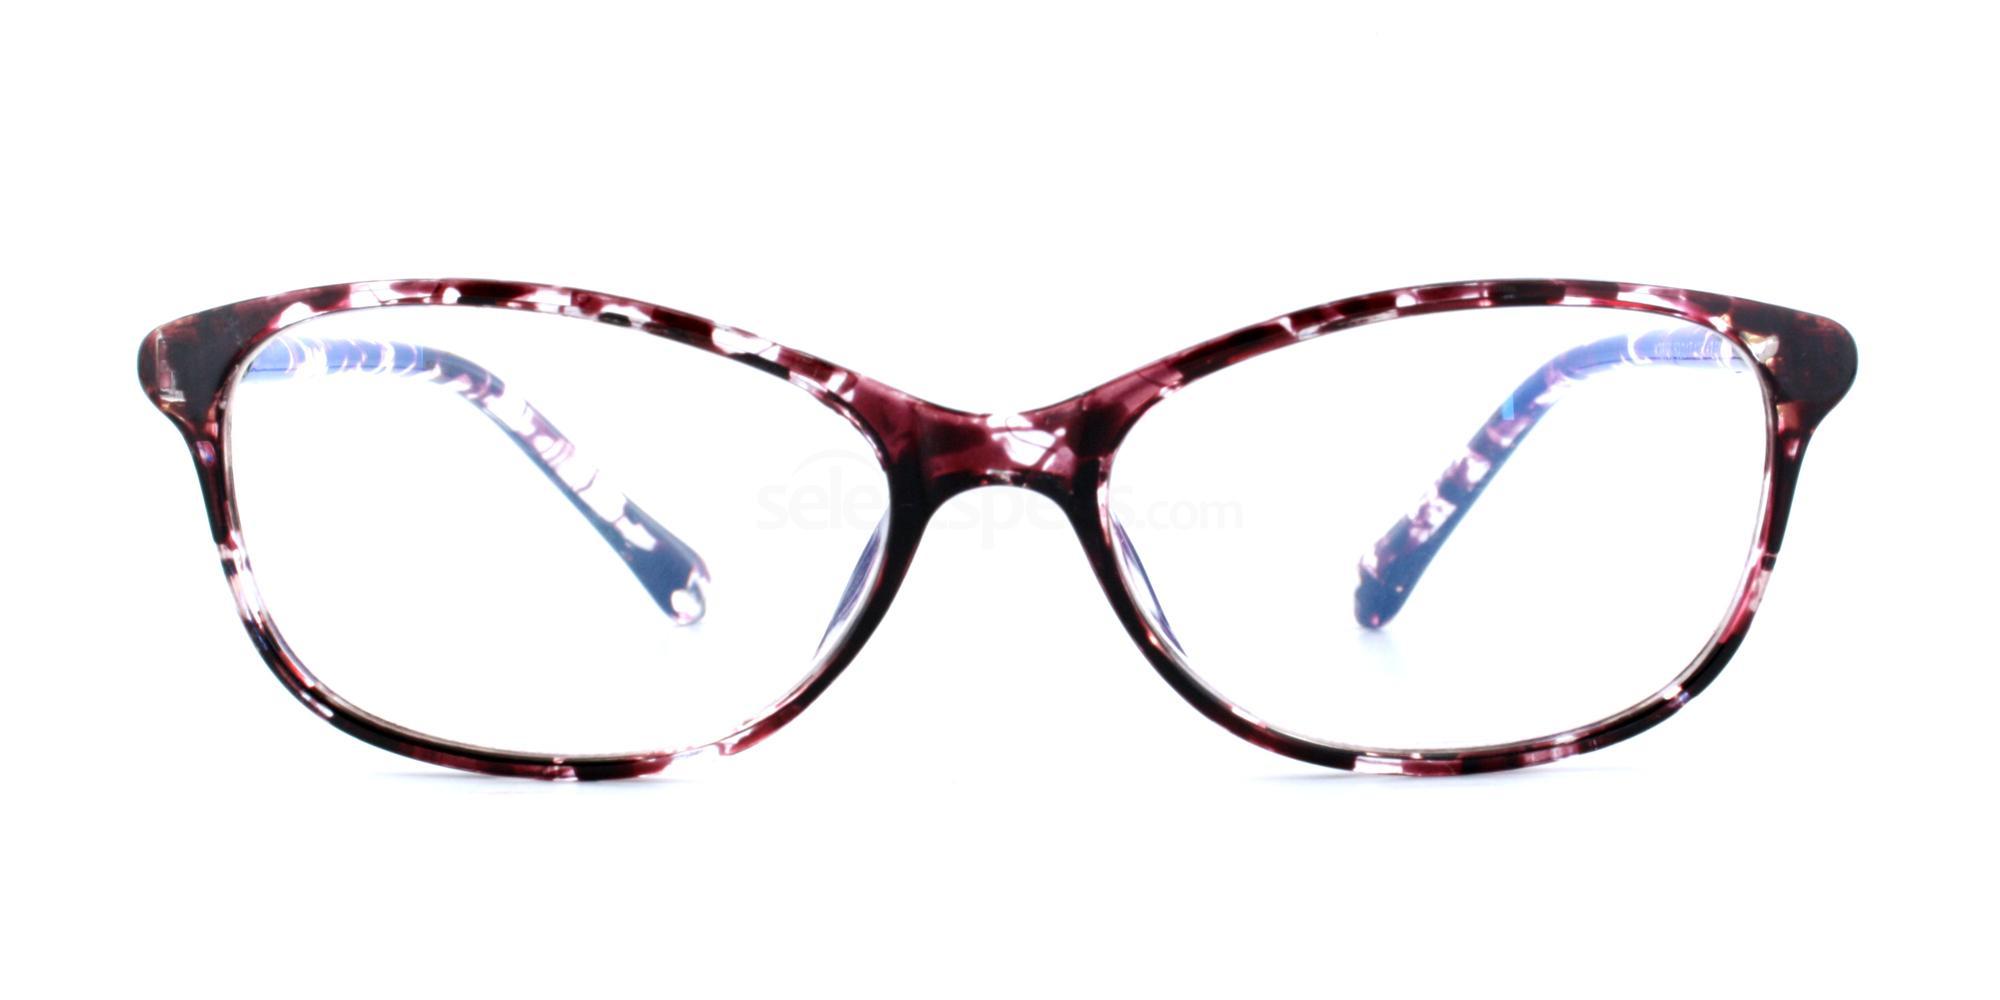 100 J2856 - Purple Demi Accessories, Optical accessories